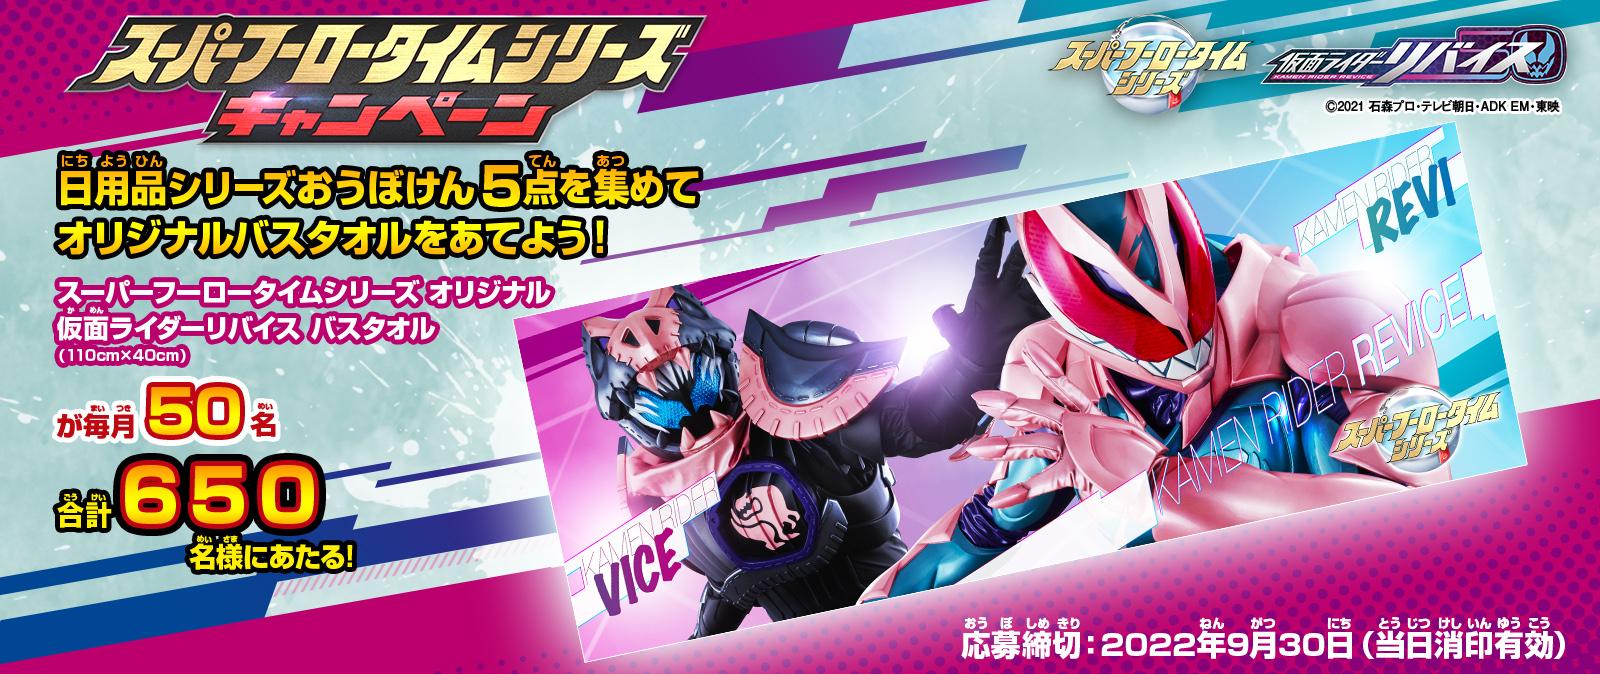 スーパーフーロータイムシリーズ 仮面ライダーリバイス キャンペーン